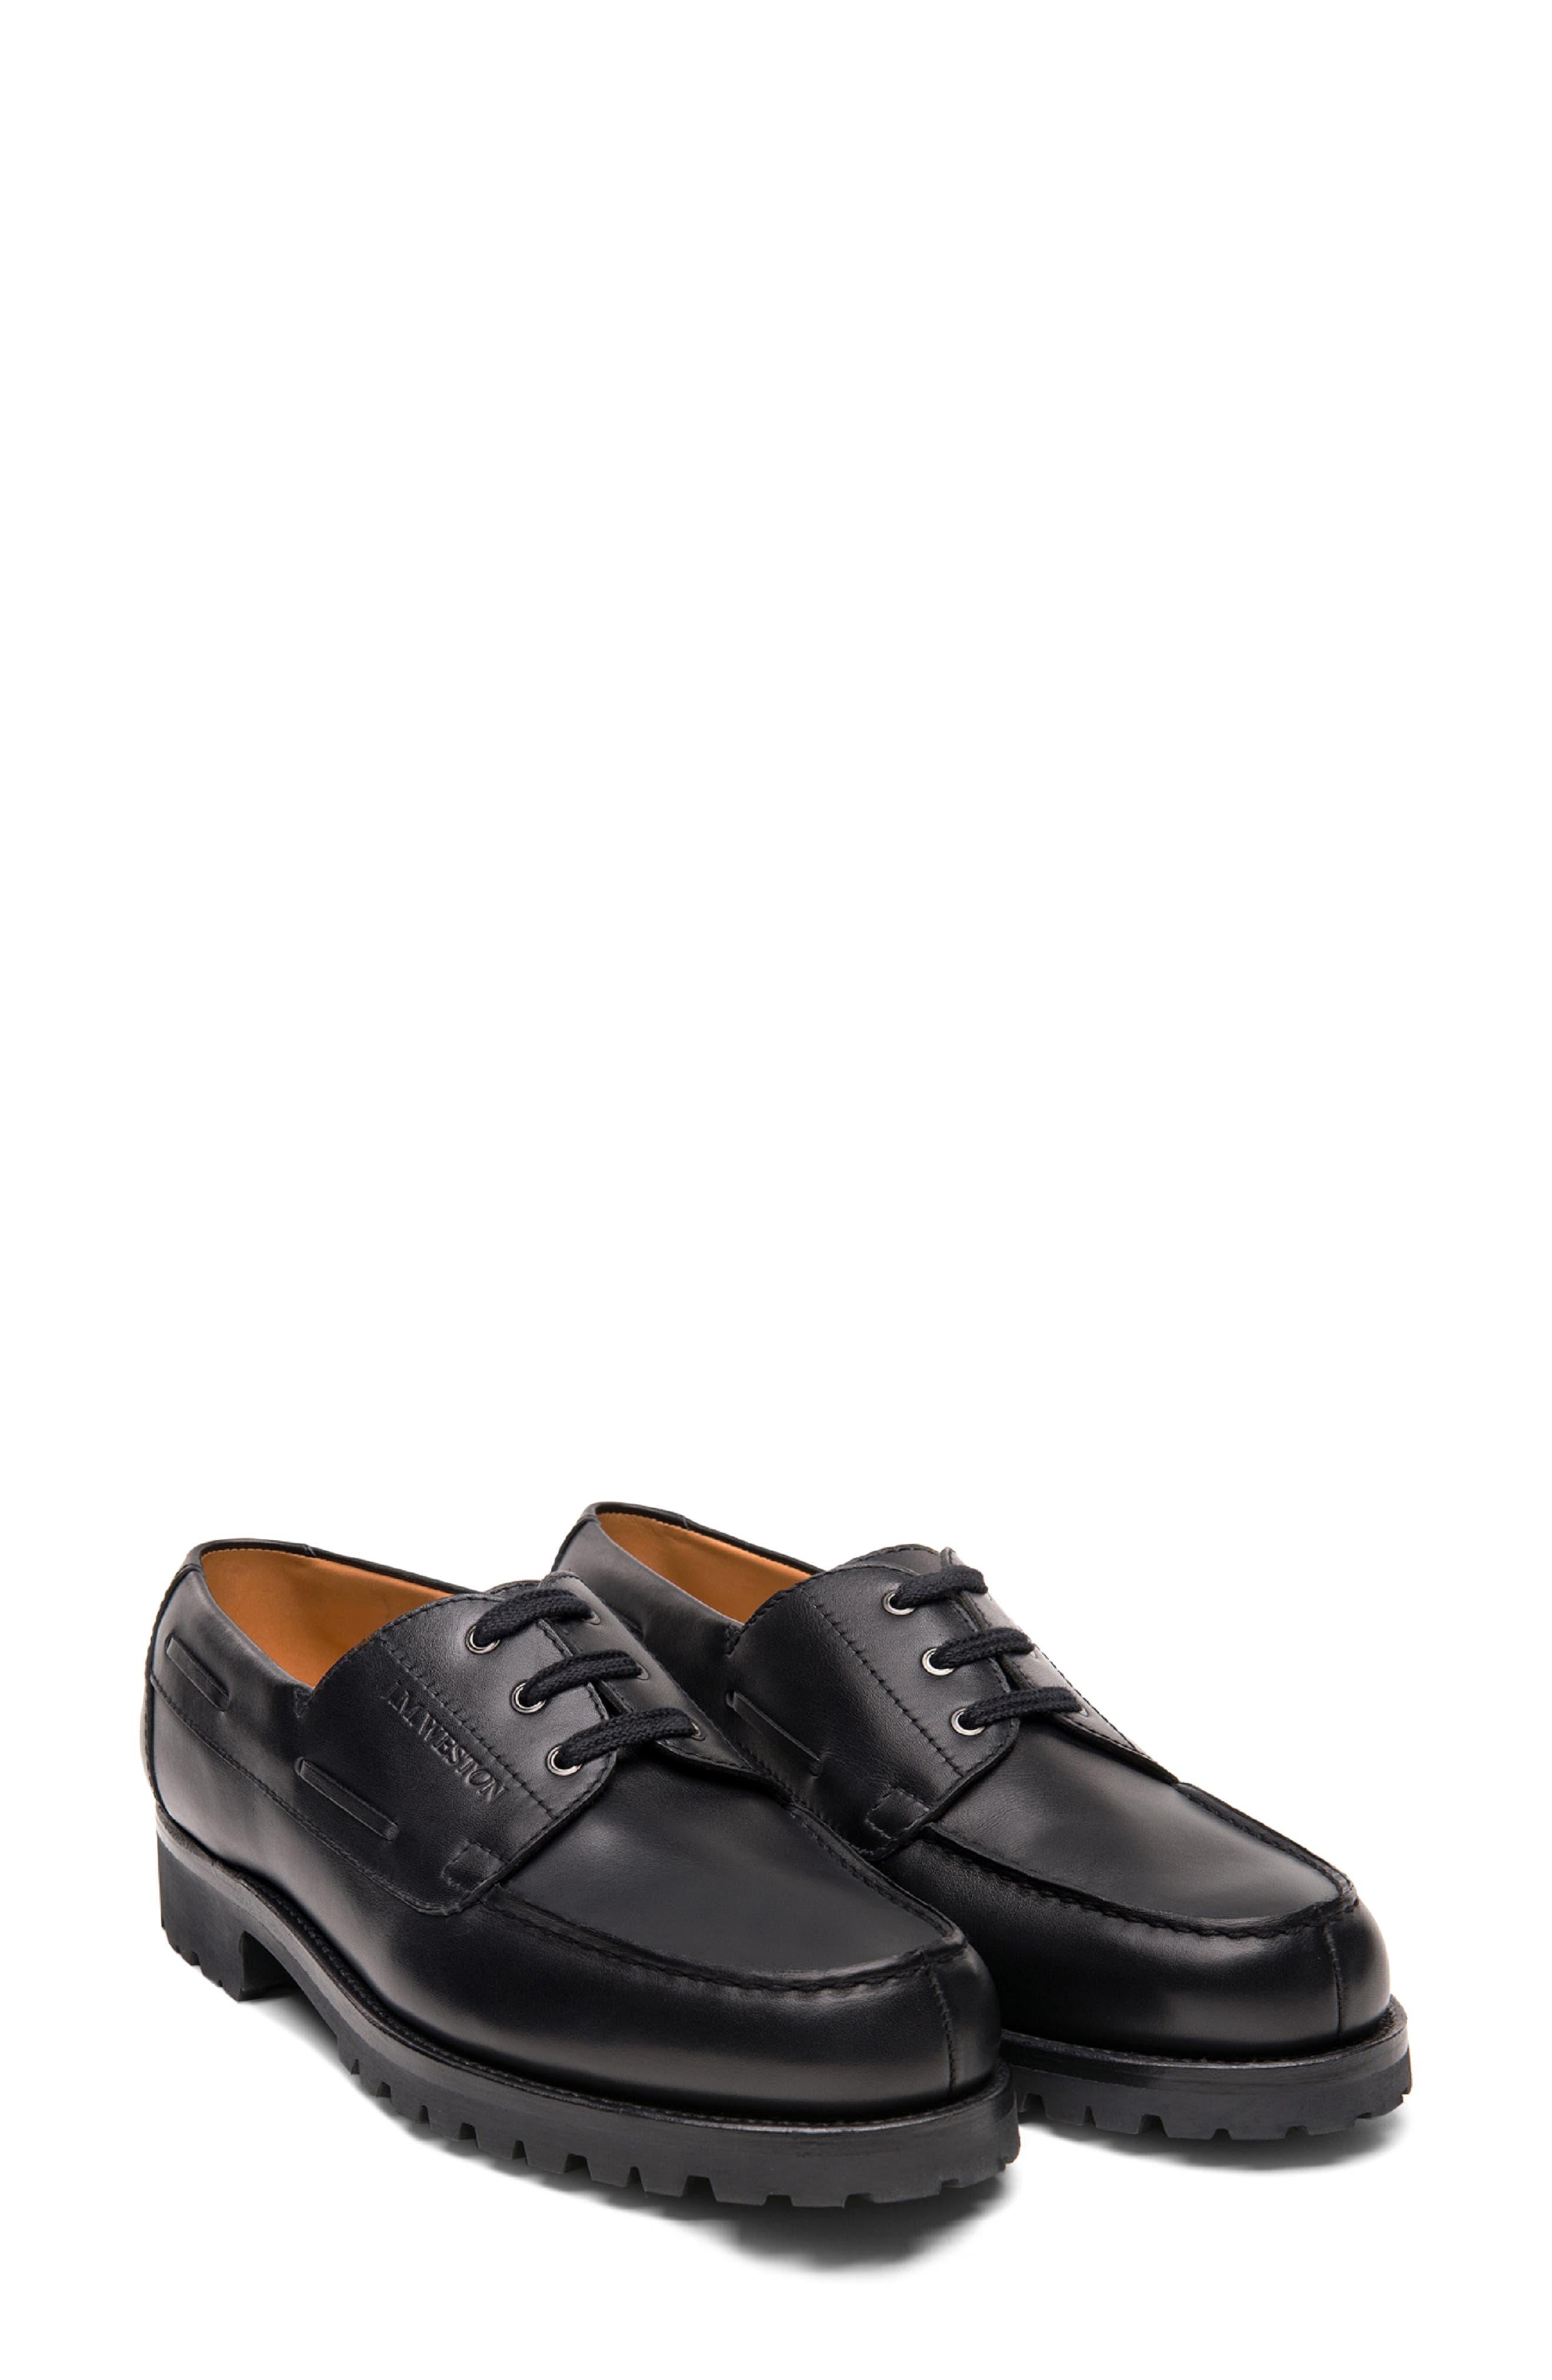 Deck Derby Shoe